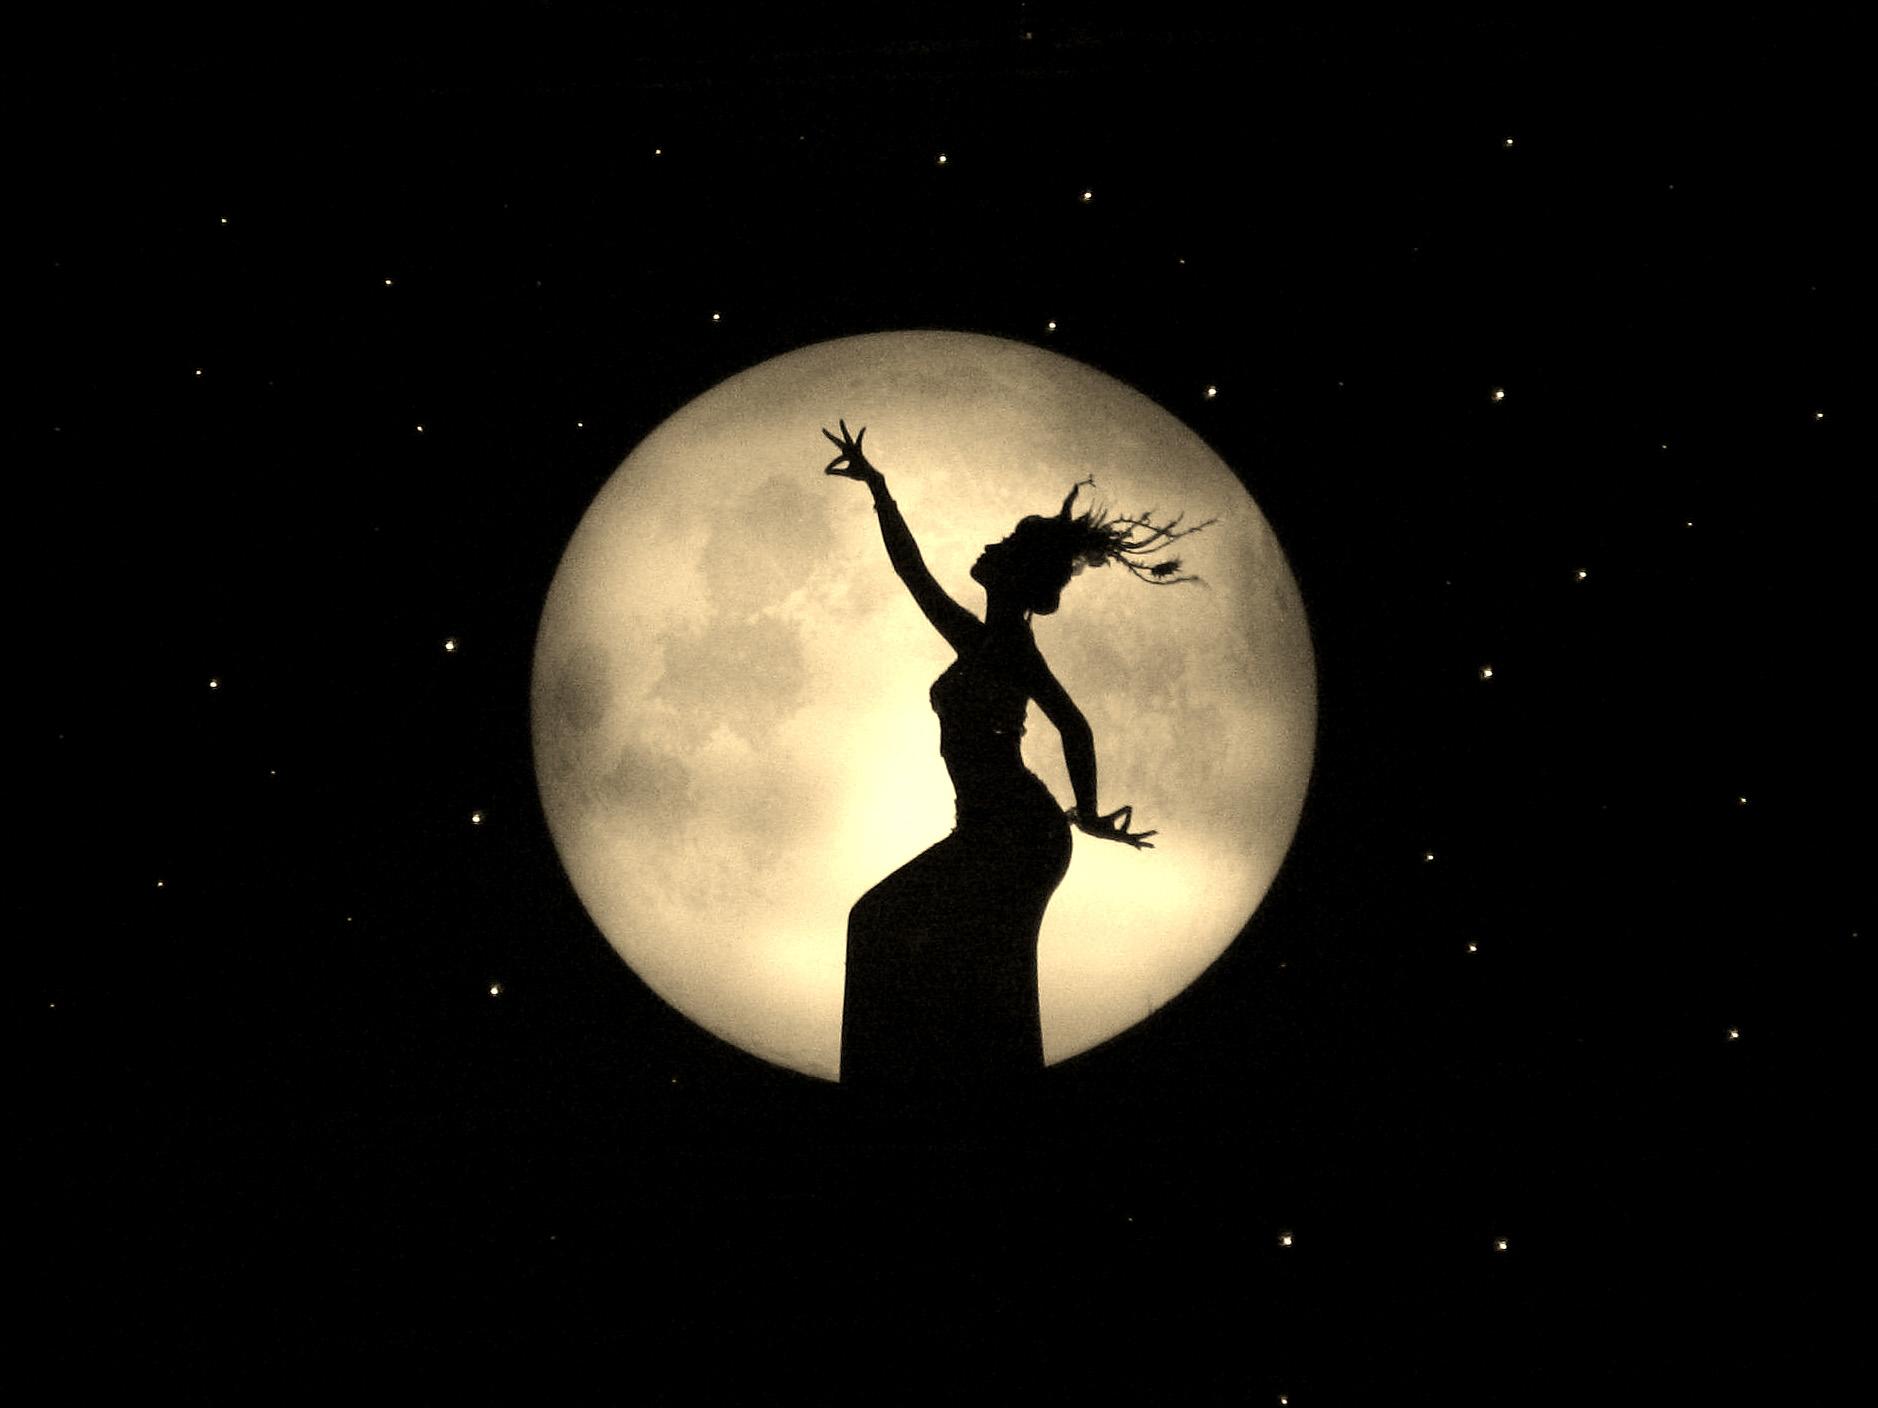 嫦娥奔月简笔画高清